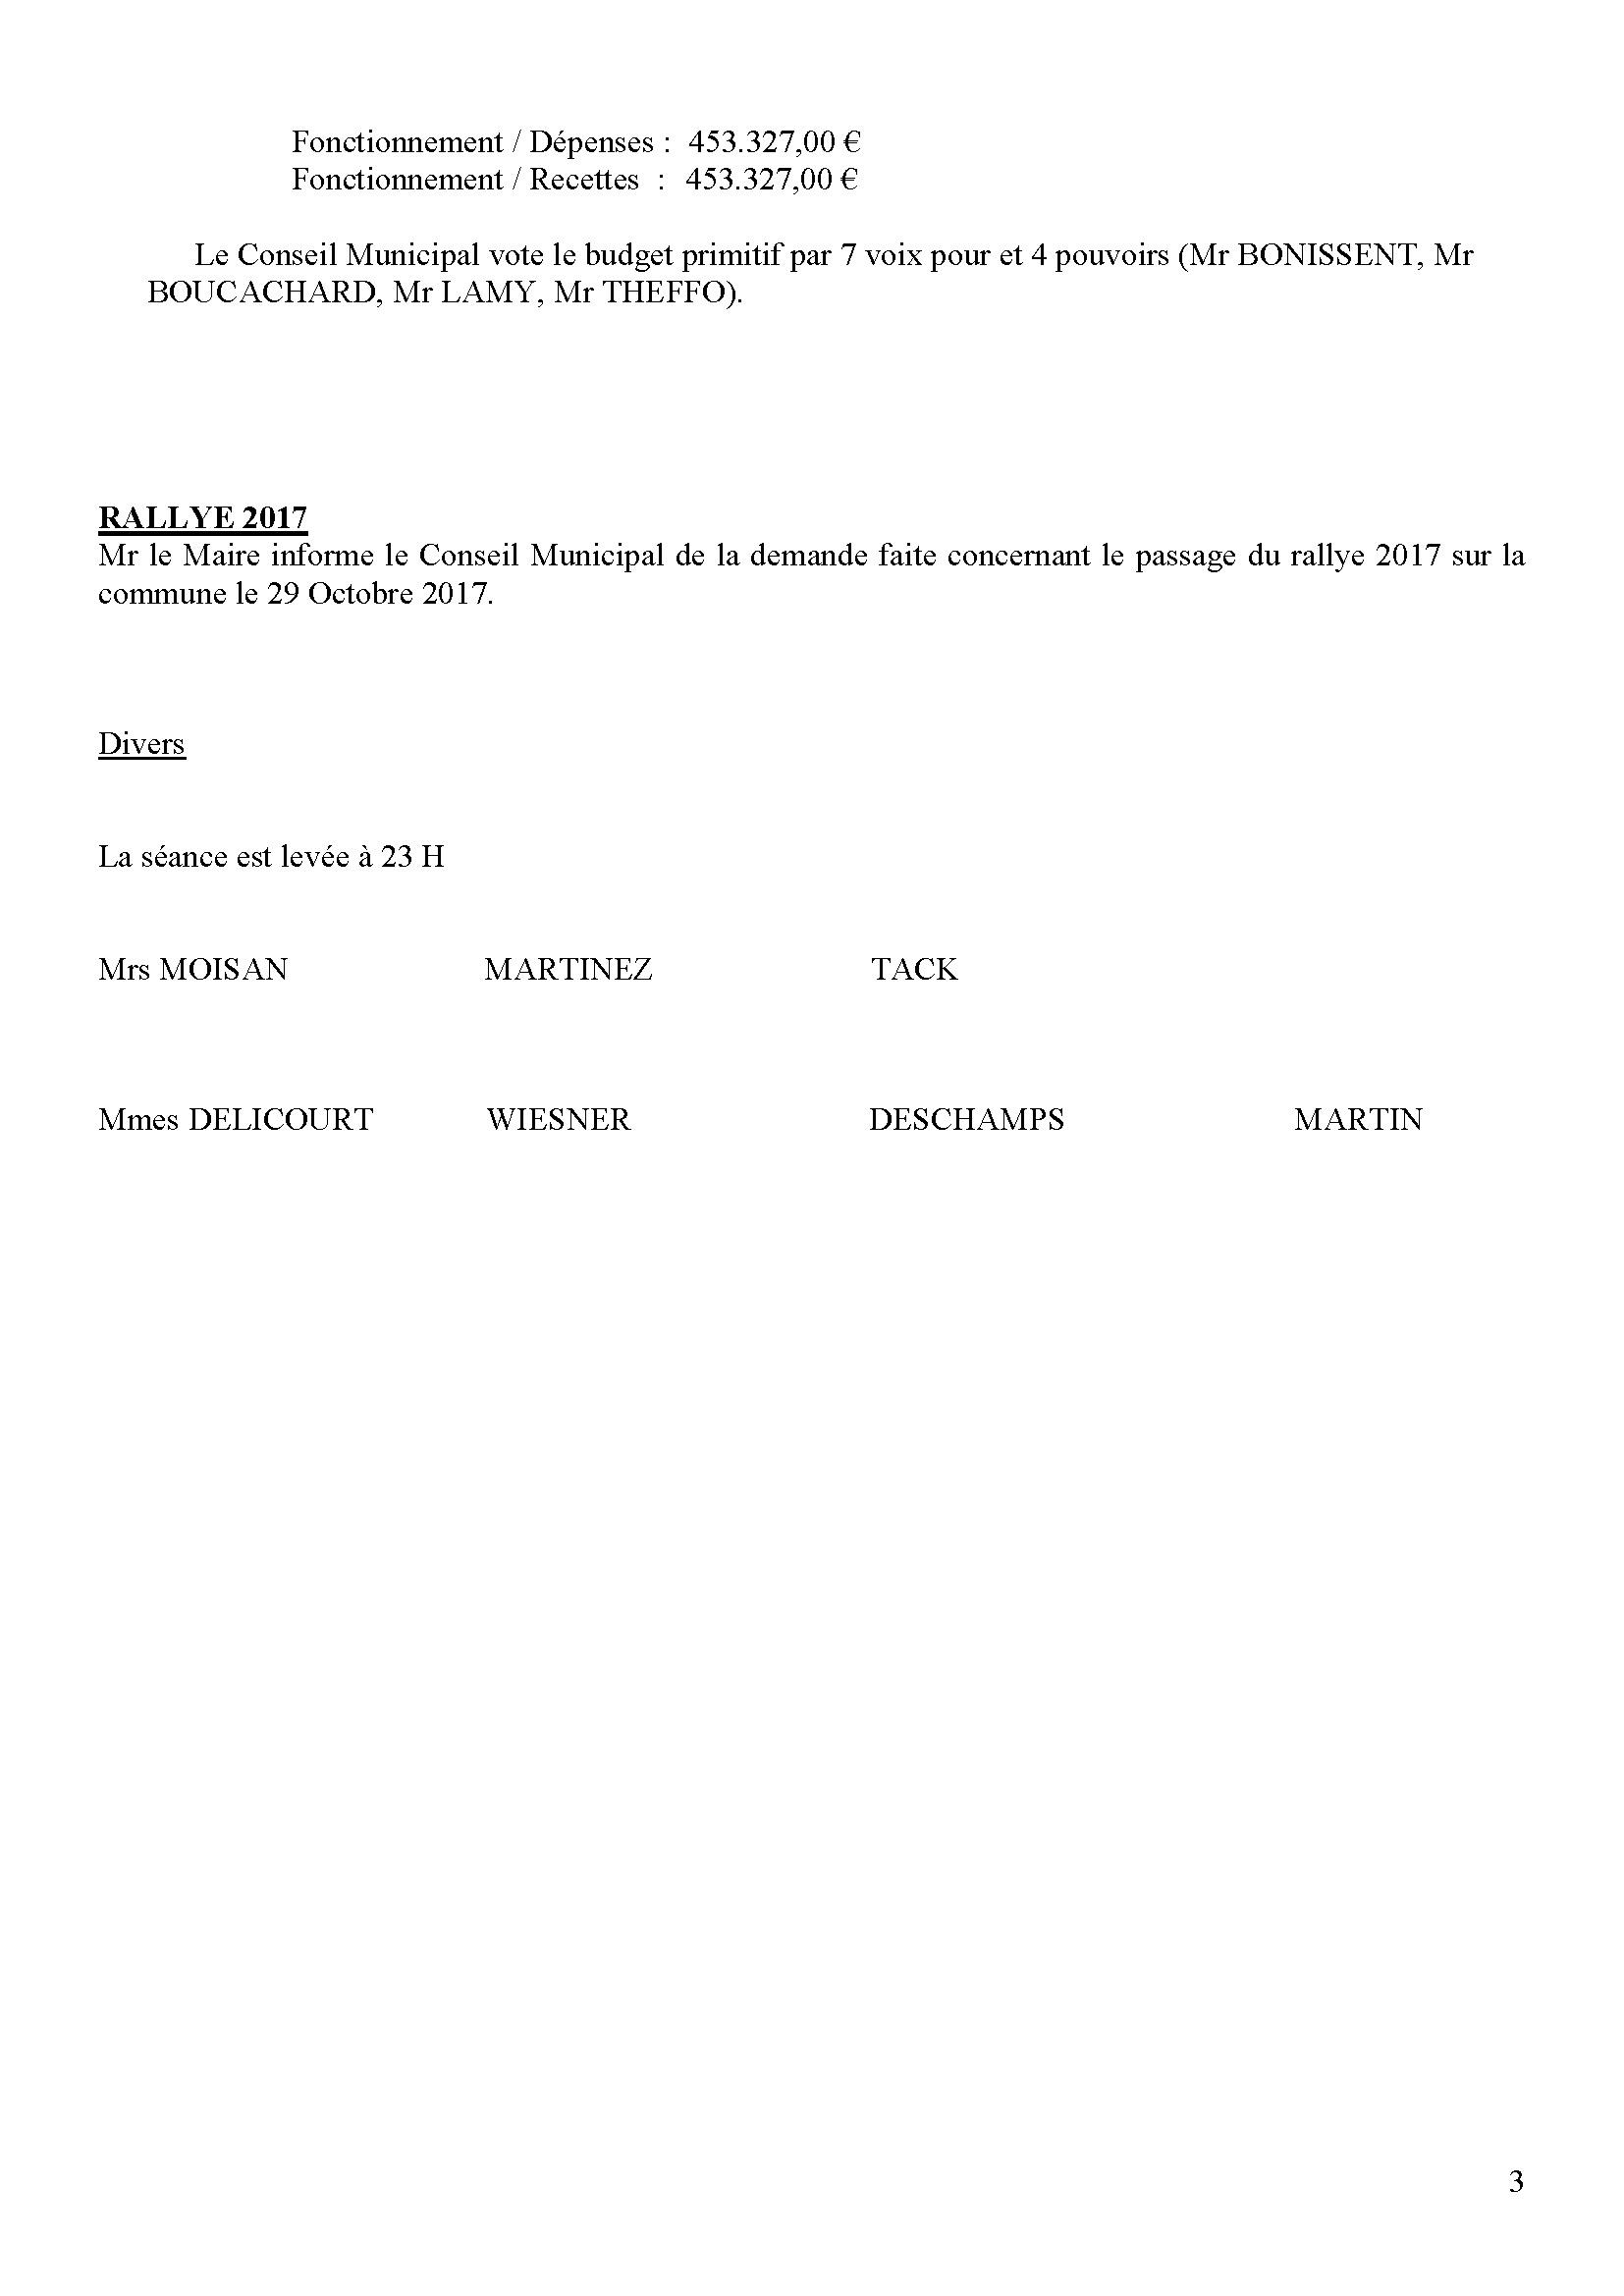 cr-du-31032017-page-3